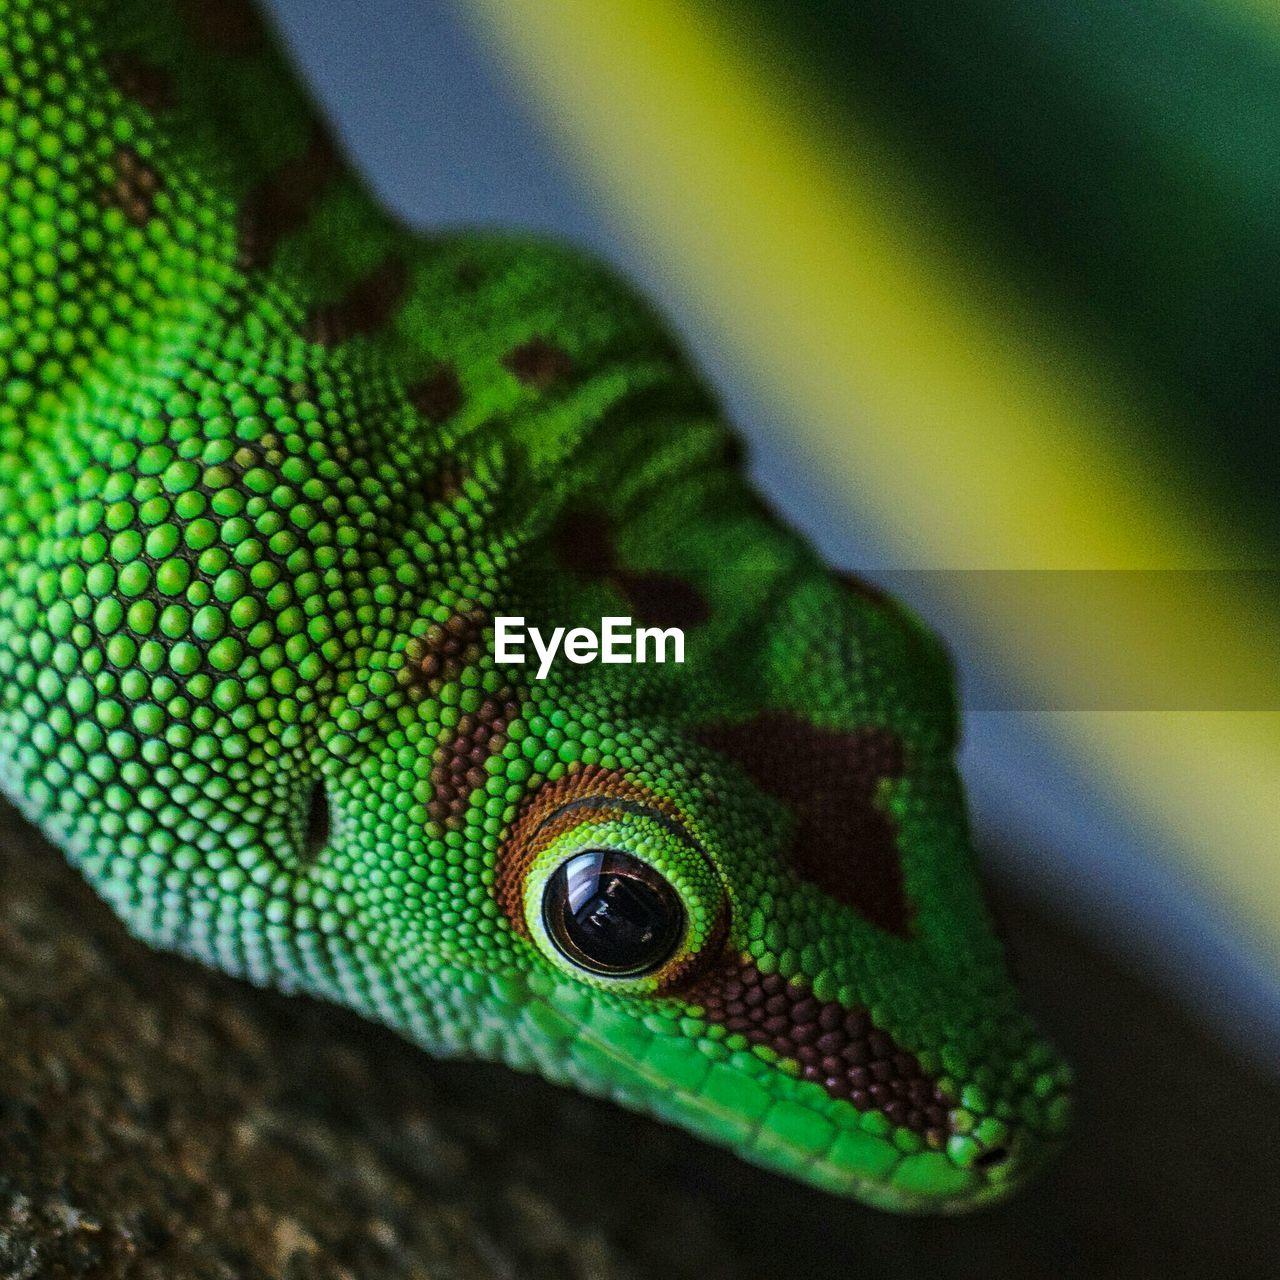 Close Up Of Alert Green Lizard